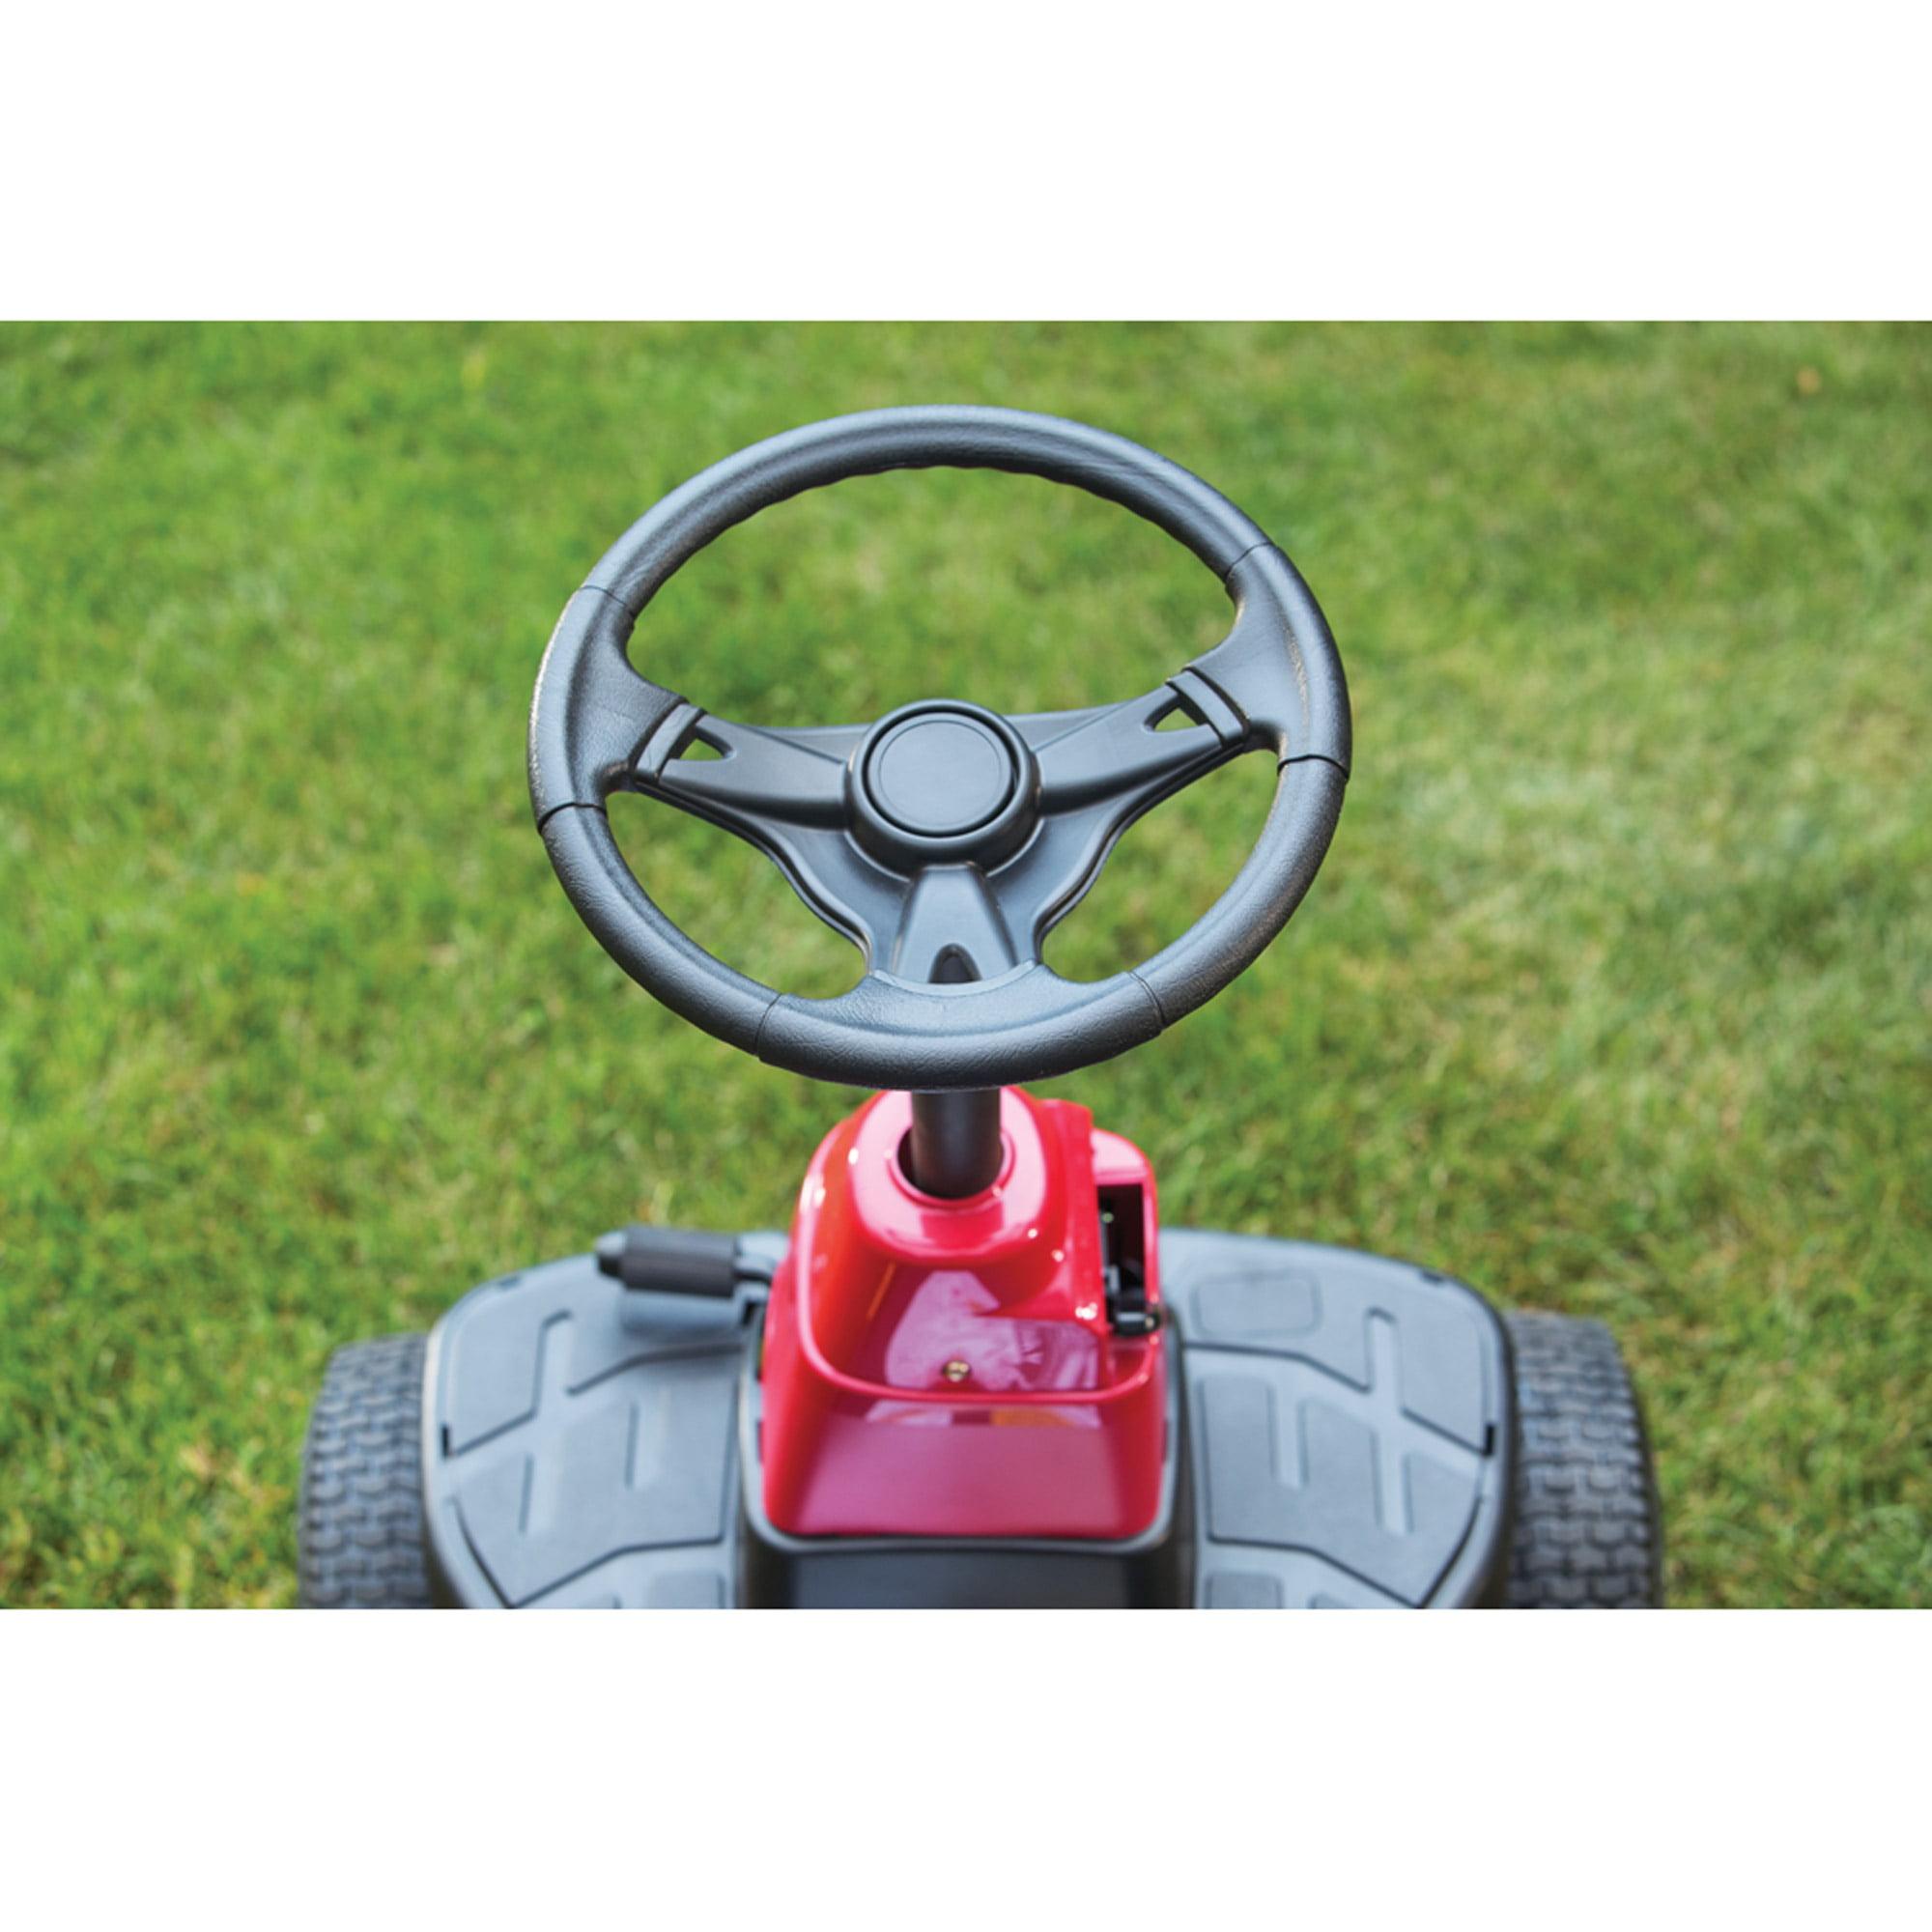 Murray 30 Inch 105hp Rear Engine Riding Mower Mtd Lawn Belt Diagram Car Tuning